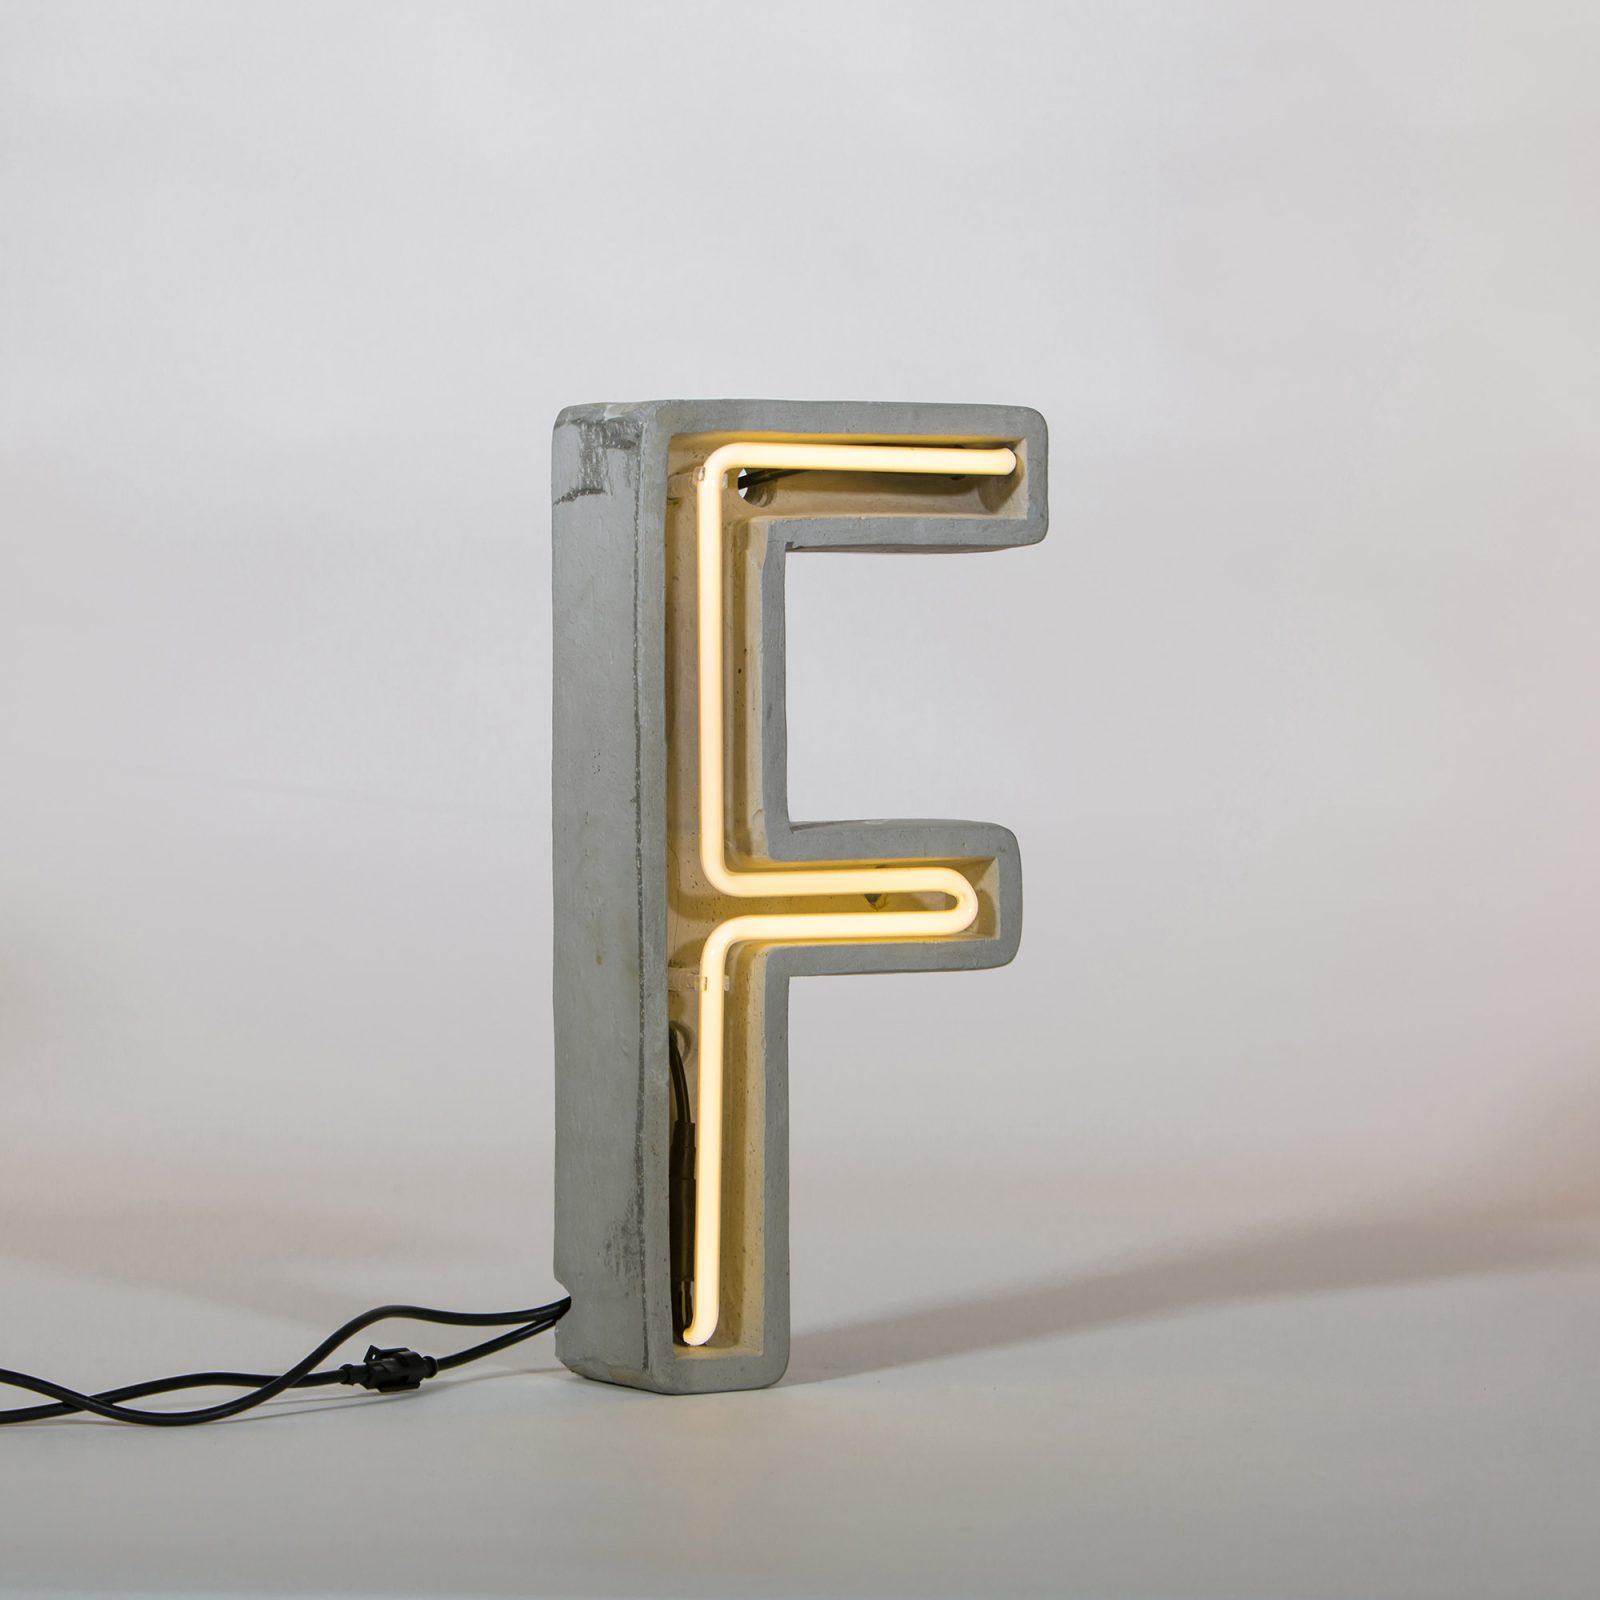 Alphacrete, Concrete Neon Light – F-32177